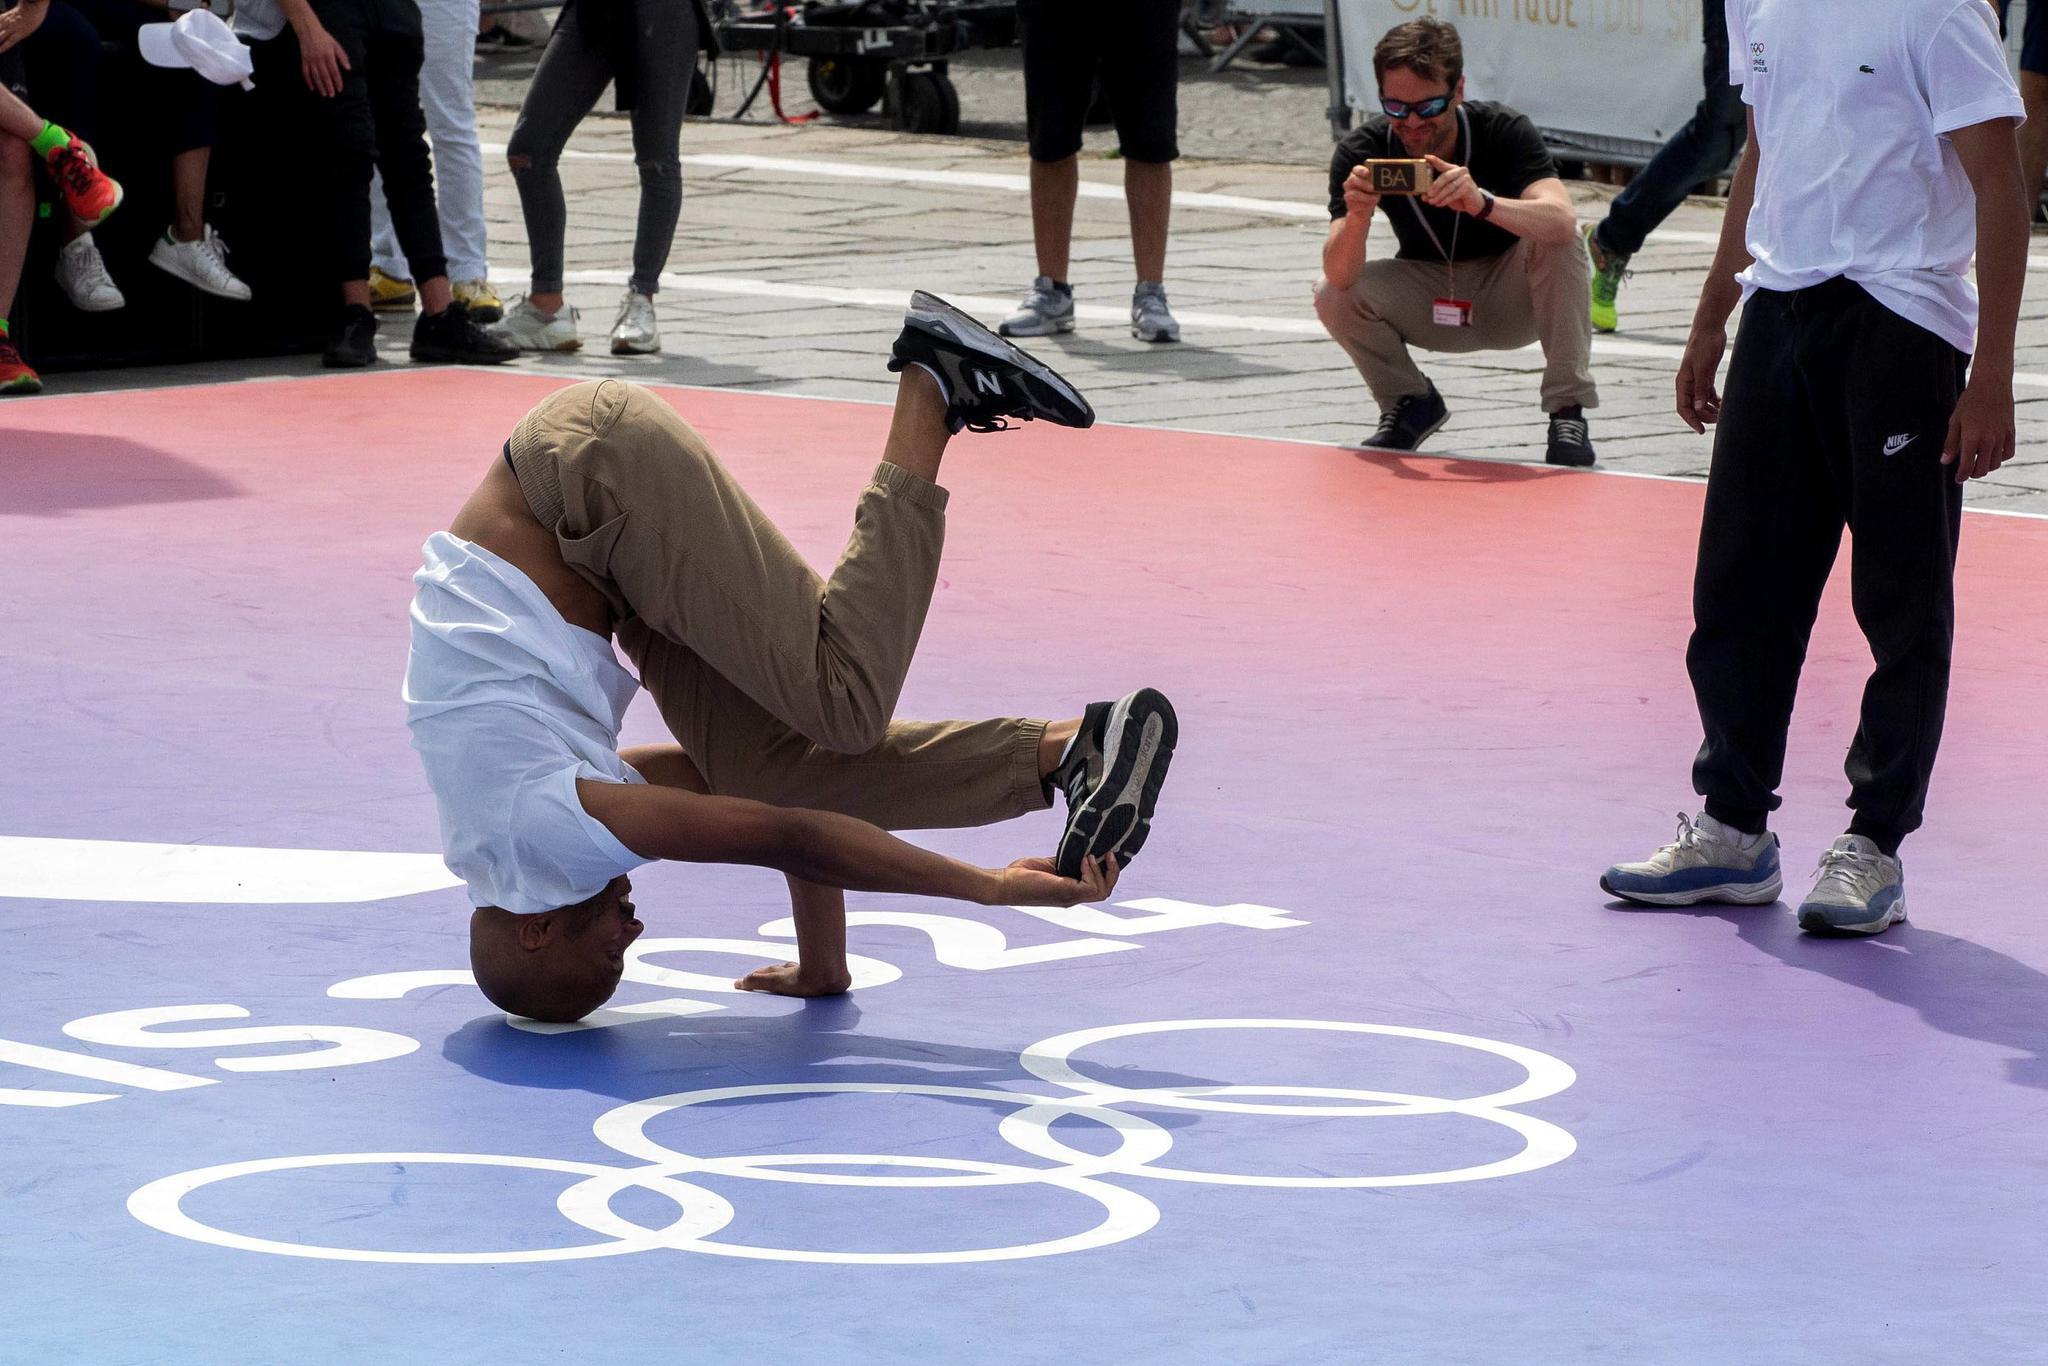 霹雳舞入奥迎开展关键 国际大赛更看重动作构思